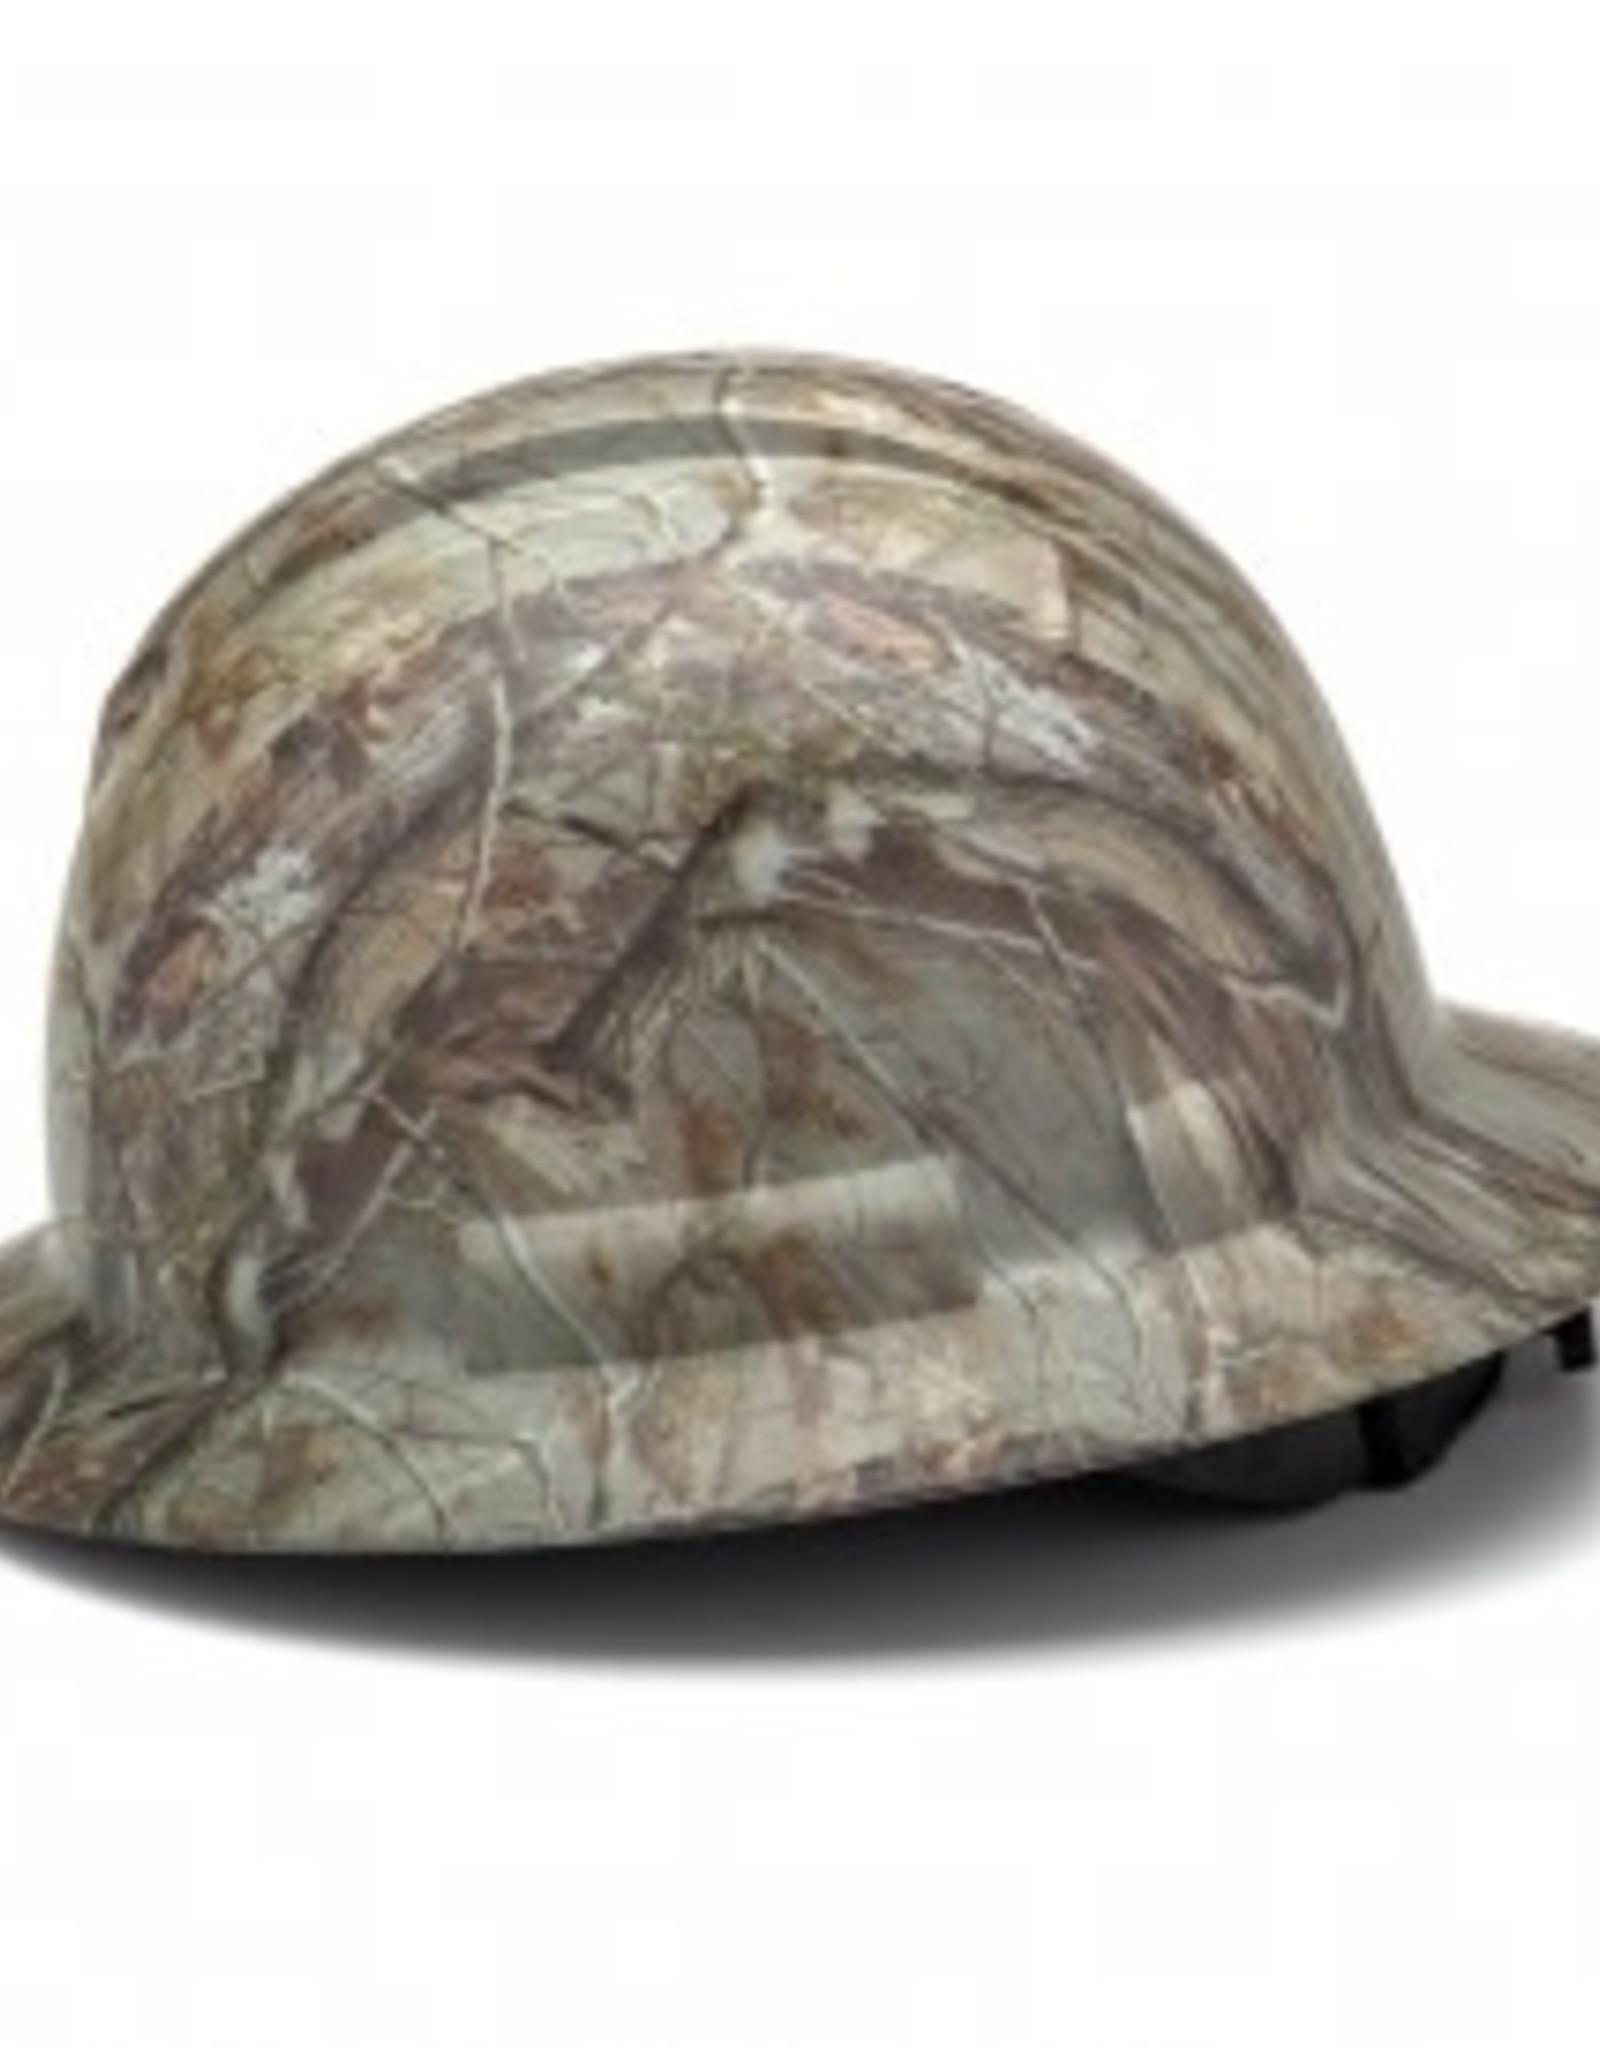 Pyramex Ridgeline Full Brim Hard Hat - 4 Point Ratchet Matte Camo Graphite Pattern